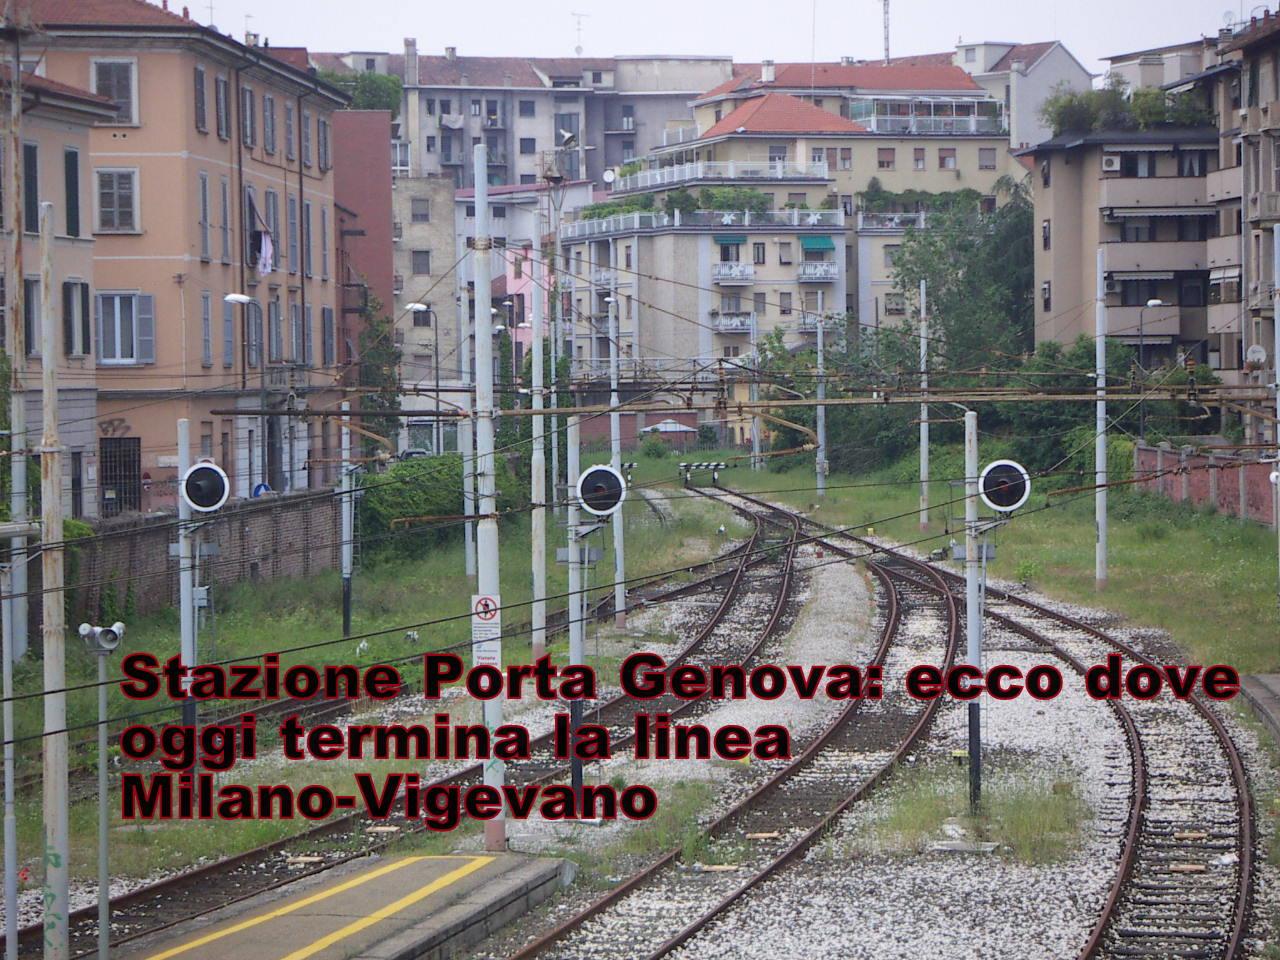 Storia di milano alle origini della ferrovia - Treni vigevano milano porta genova ...